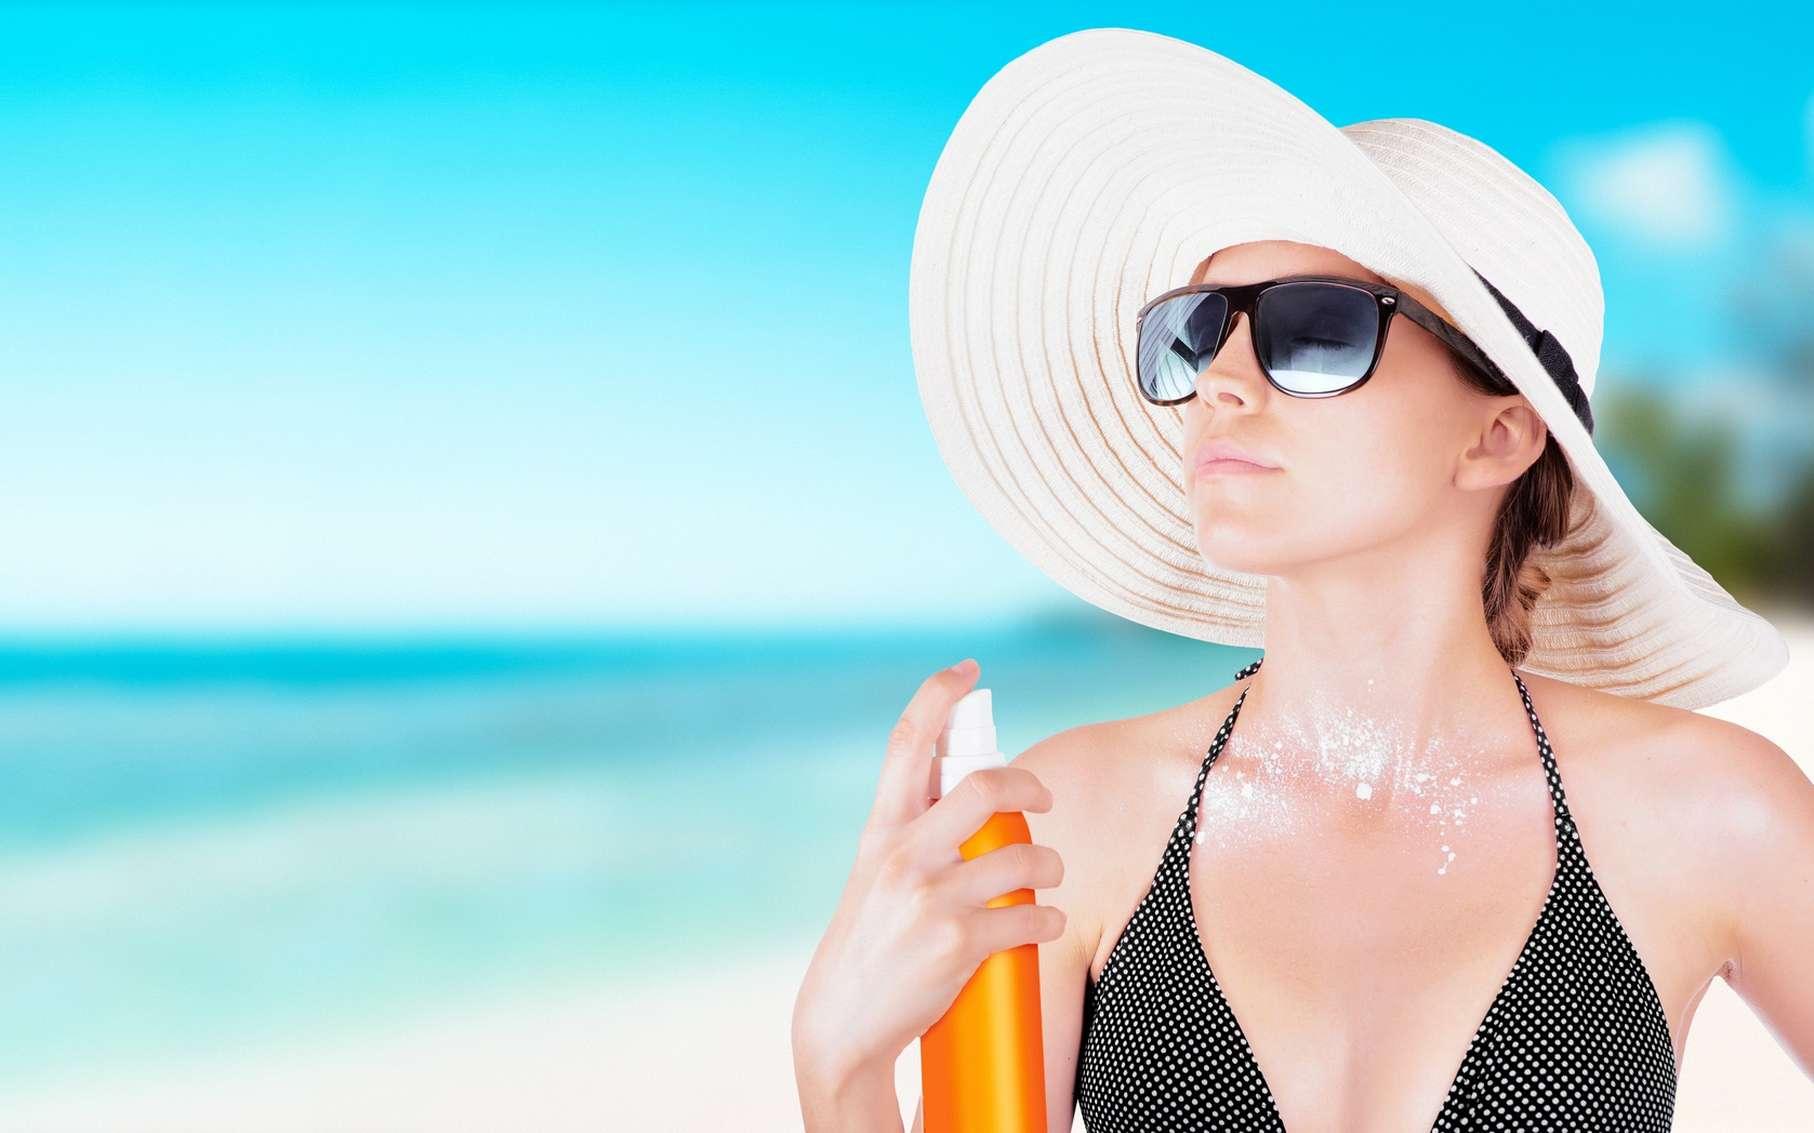 Les peaux claires doivent se protéger des UV. Et si une molécule les faisait bronzer ? © ALDECAstudio, Fotolia